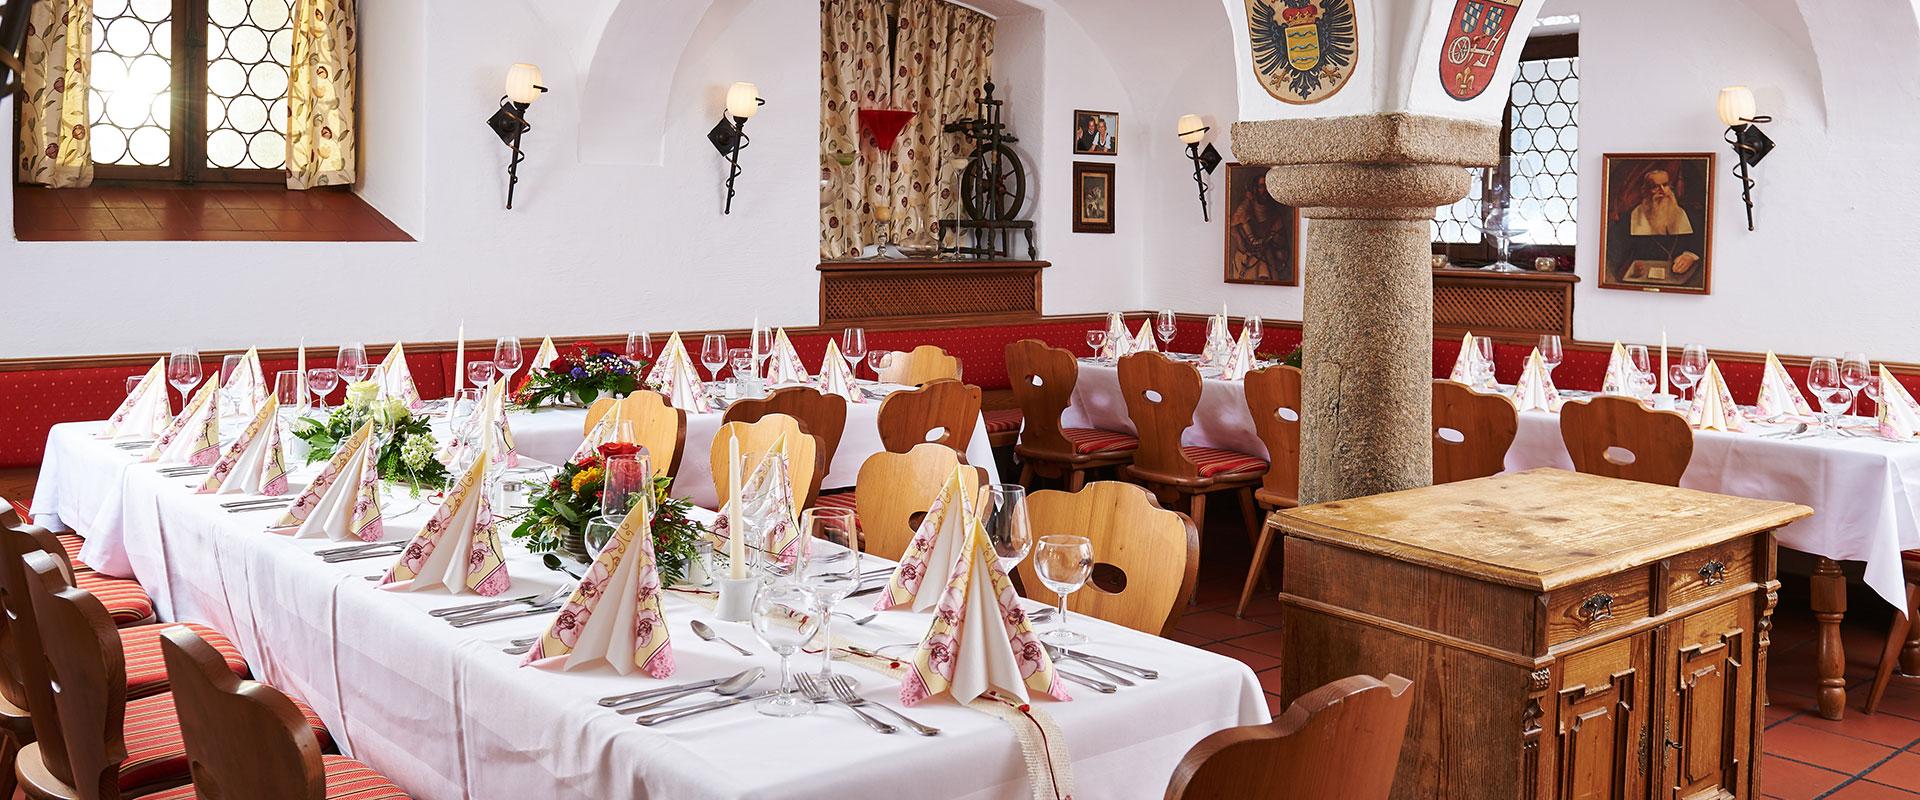 Innenansicht des Restaurants Gäubodenhof in Straubing